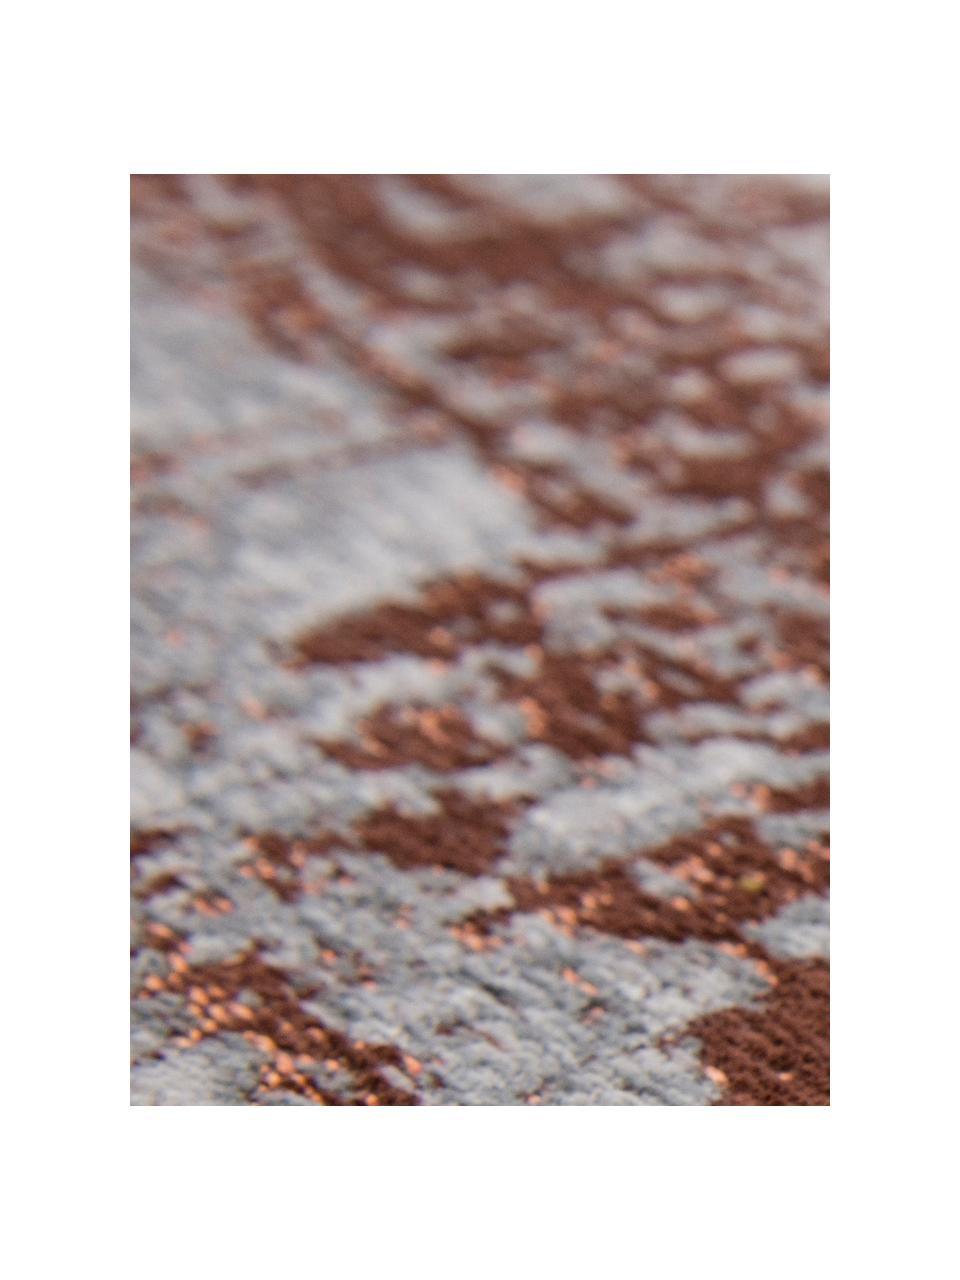 Design vloerkleed Griff in vintage stijl, Bovenzijde: 85%katoen, 15%hoogglanz, Weeftechniek: jacquard, Onderzijde: katoenmix, gecoat met lat, Bovenzijde: grijs, koperkleurig, gebroken wit, B 140 x L 200 cm (maat S)